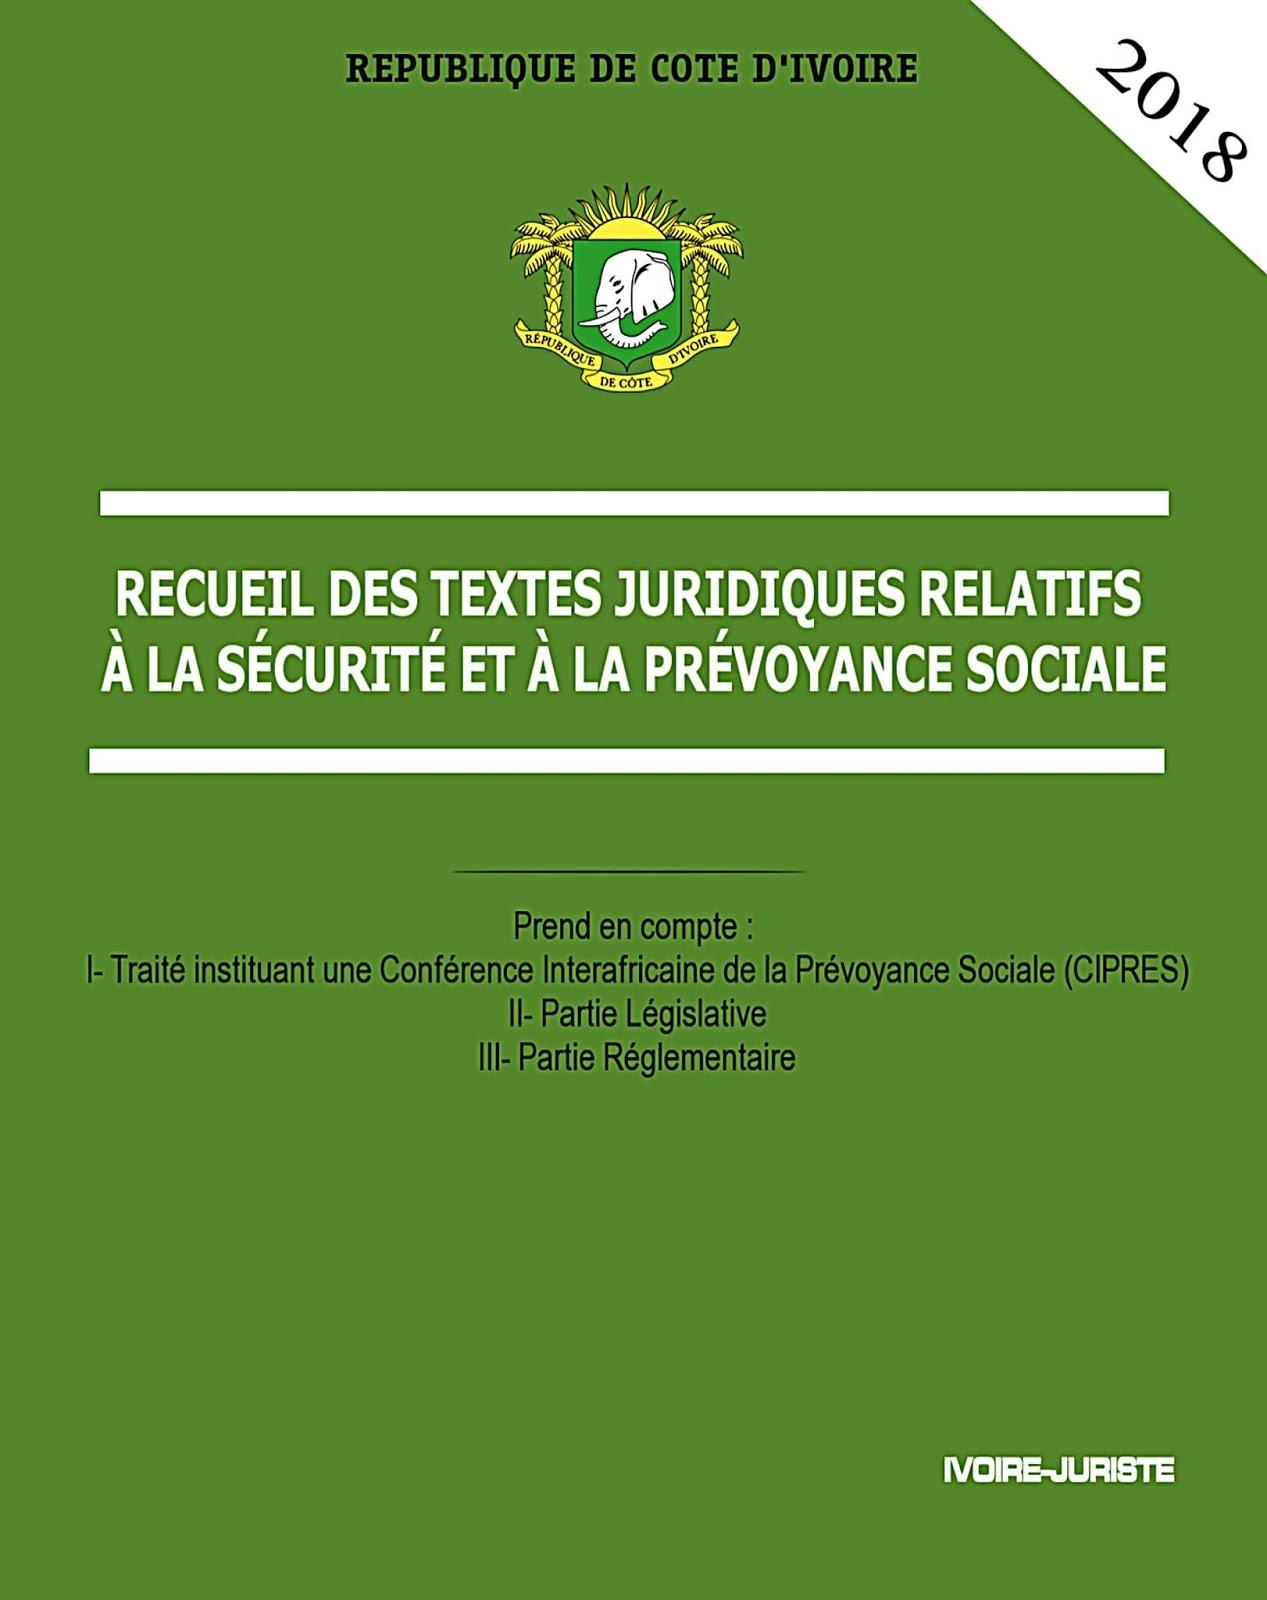 Telechargement De Documents En Pdf Ivoire Juriste